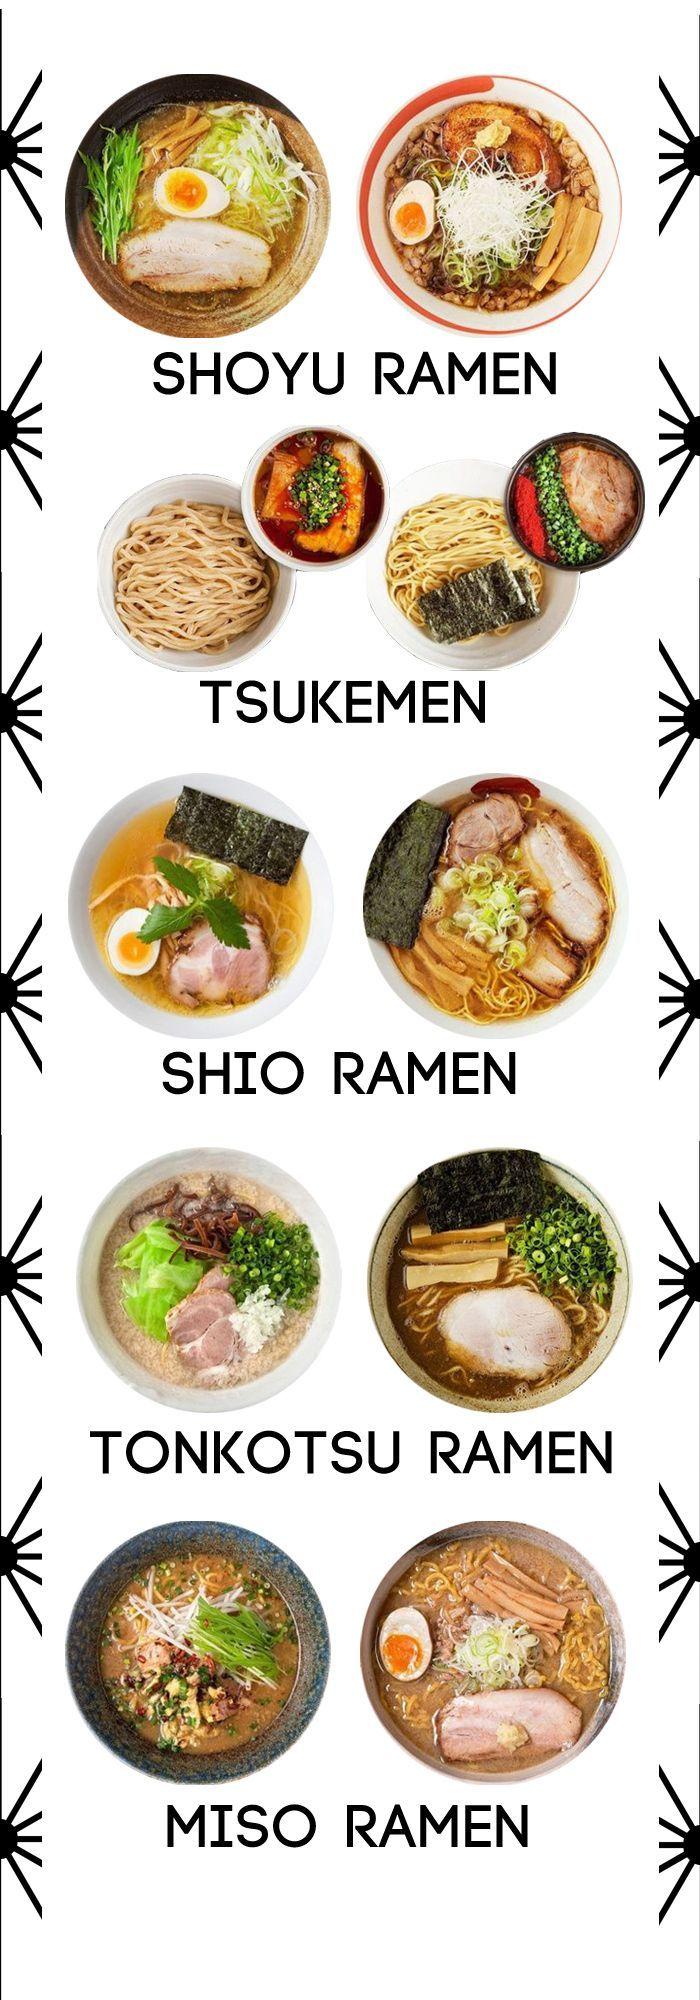 Guía completa de variedades y estilos de ramen japonés.